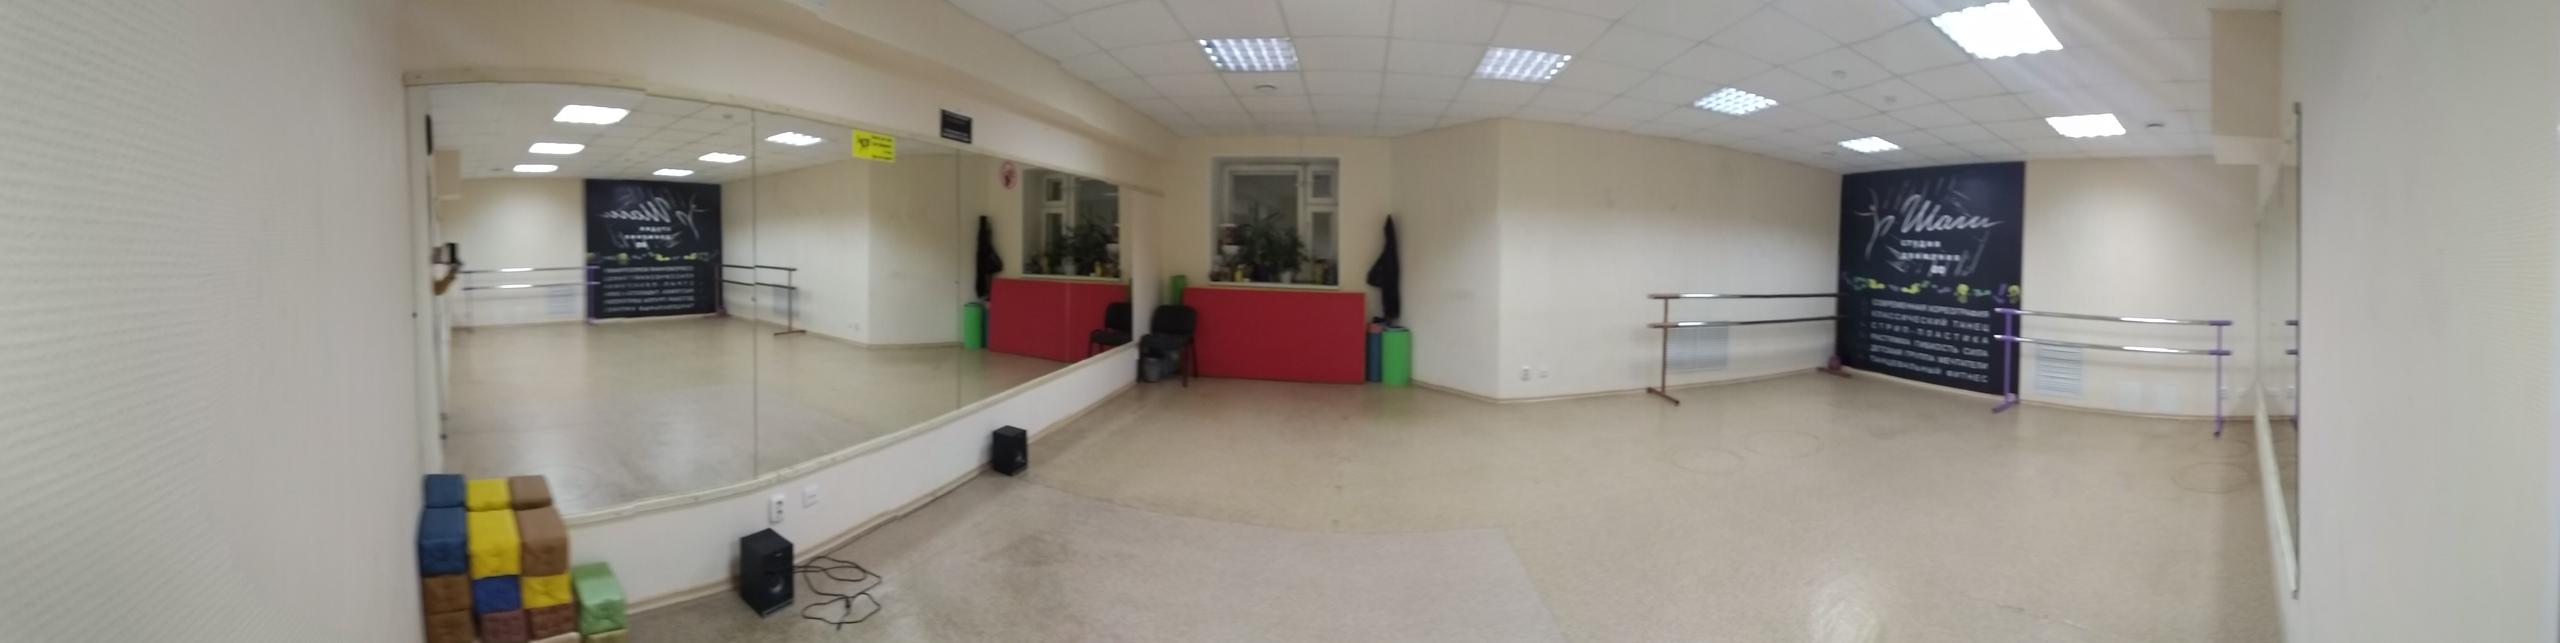 Хореографический зал в аренду